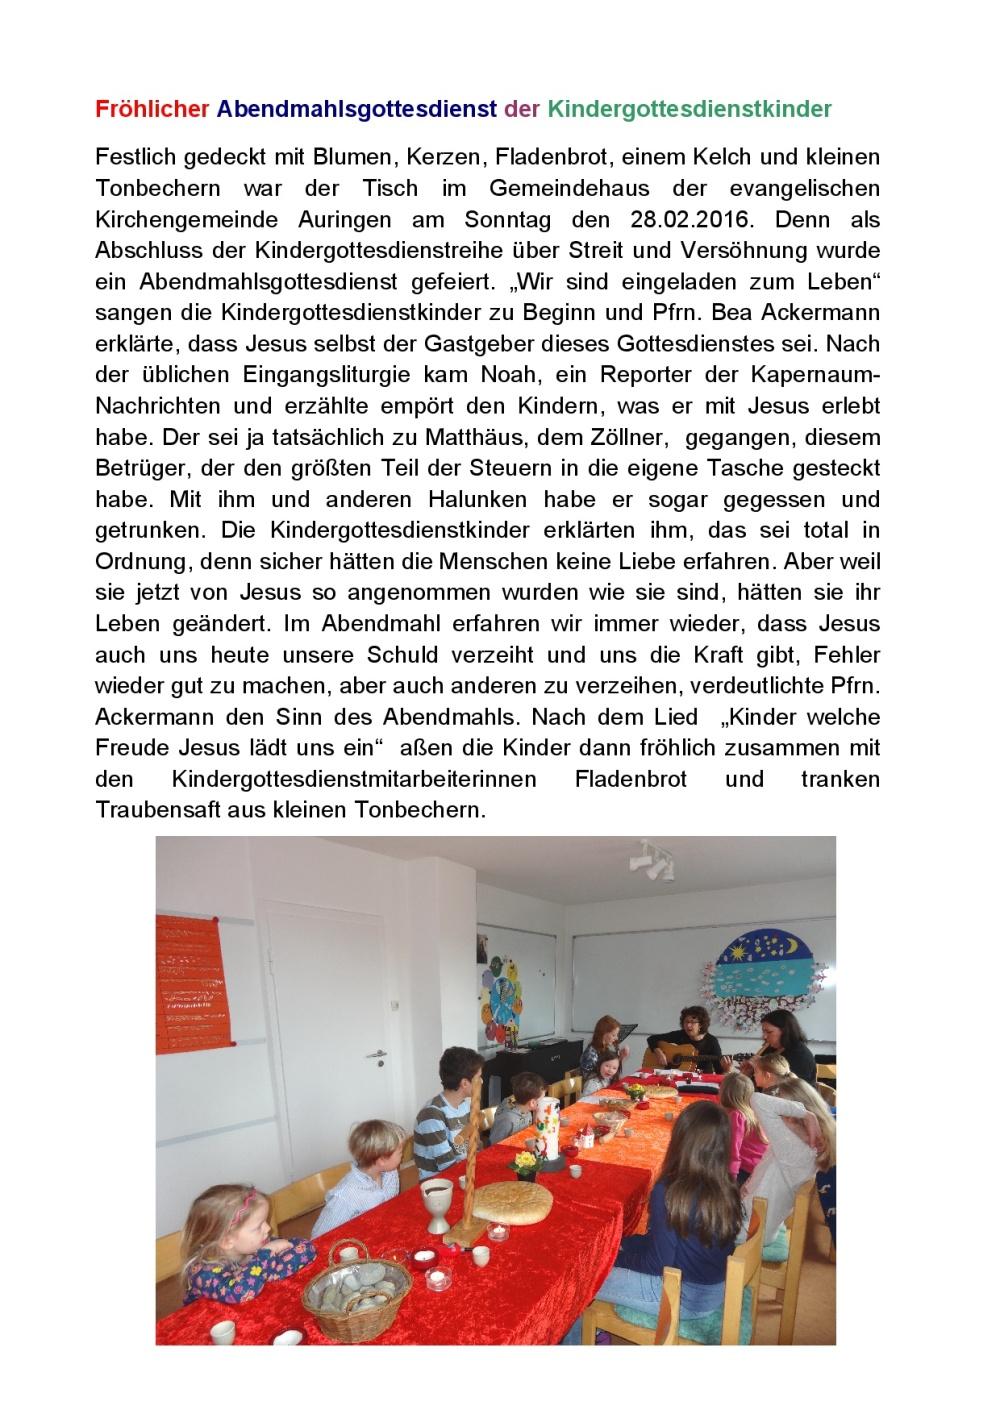 2016-02-28-abendmahlsgd-im-kigo-001